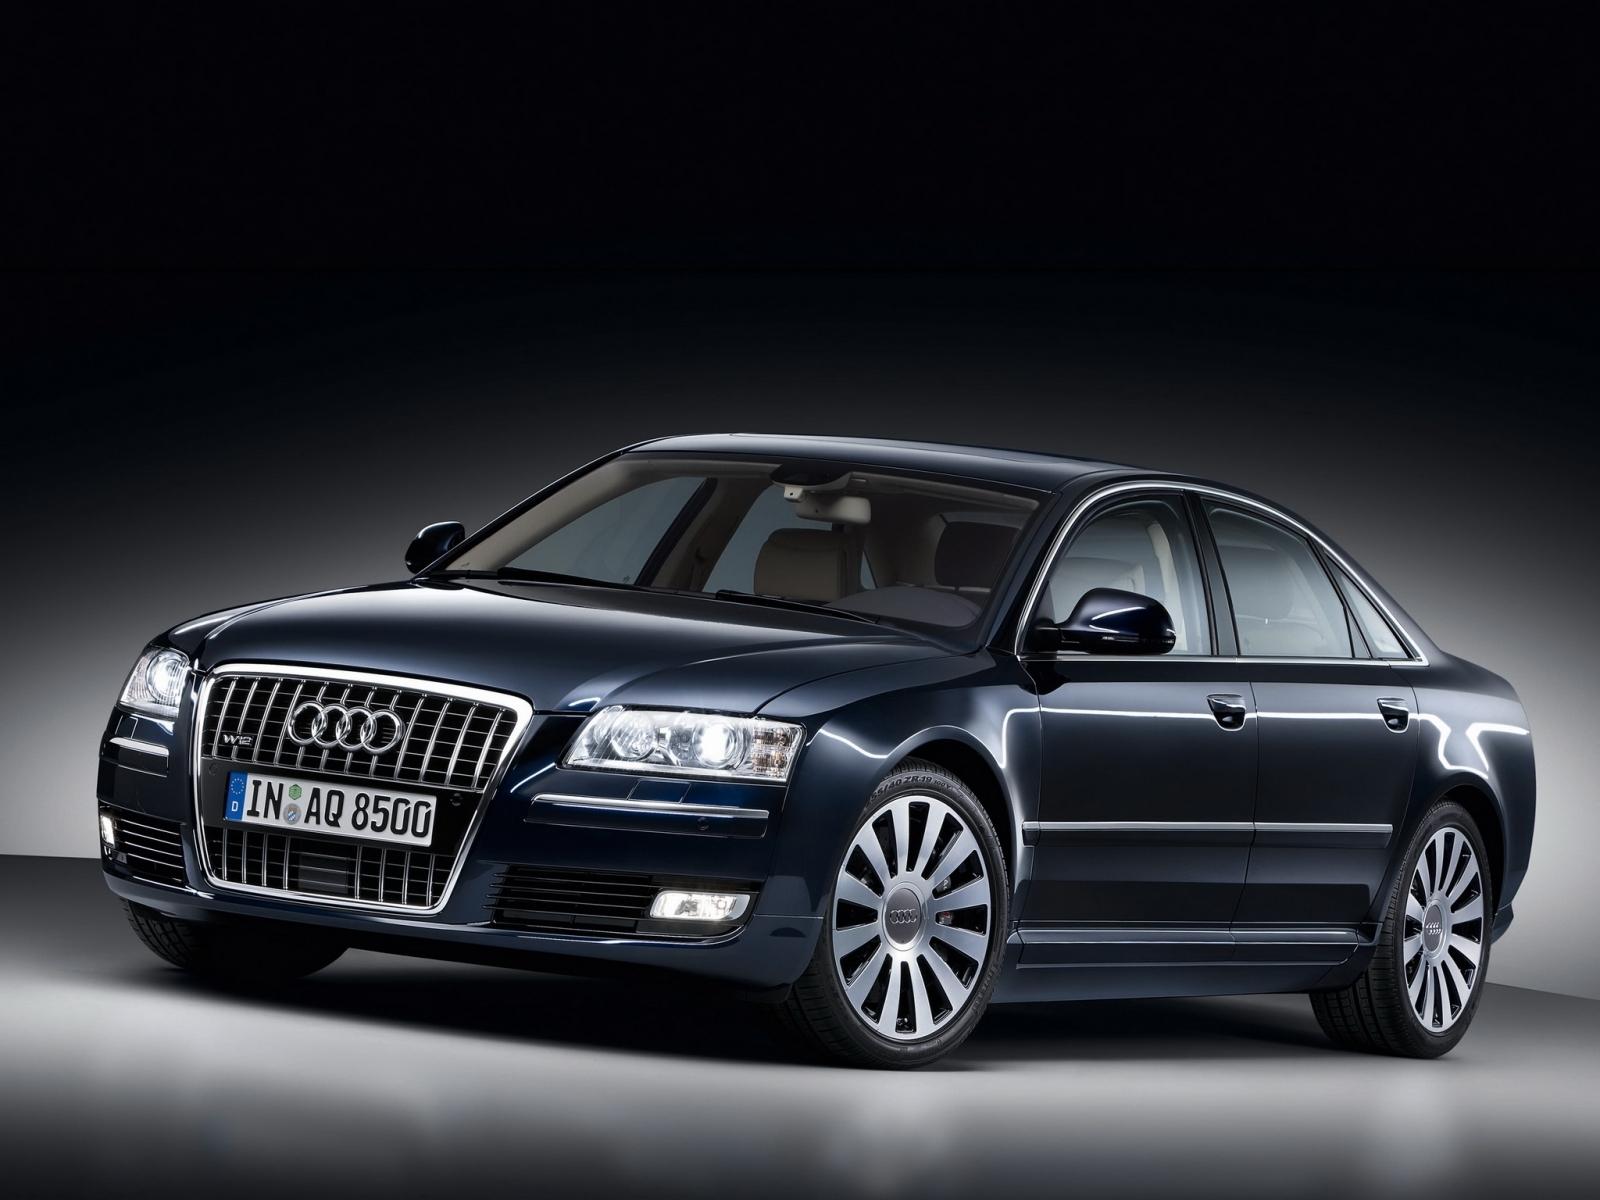 4941 скачать обои Транспорт, Машины, Ауди (Audi) - заставки и картинки бесплатно